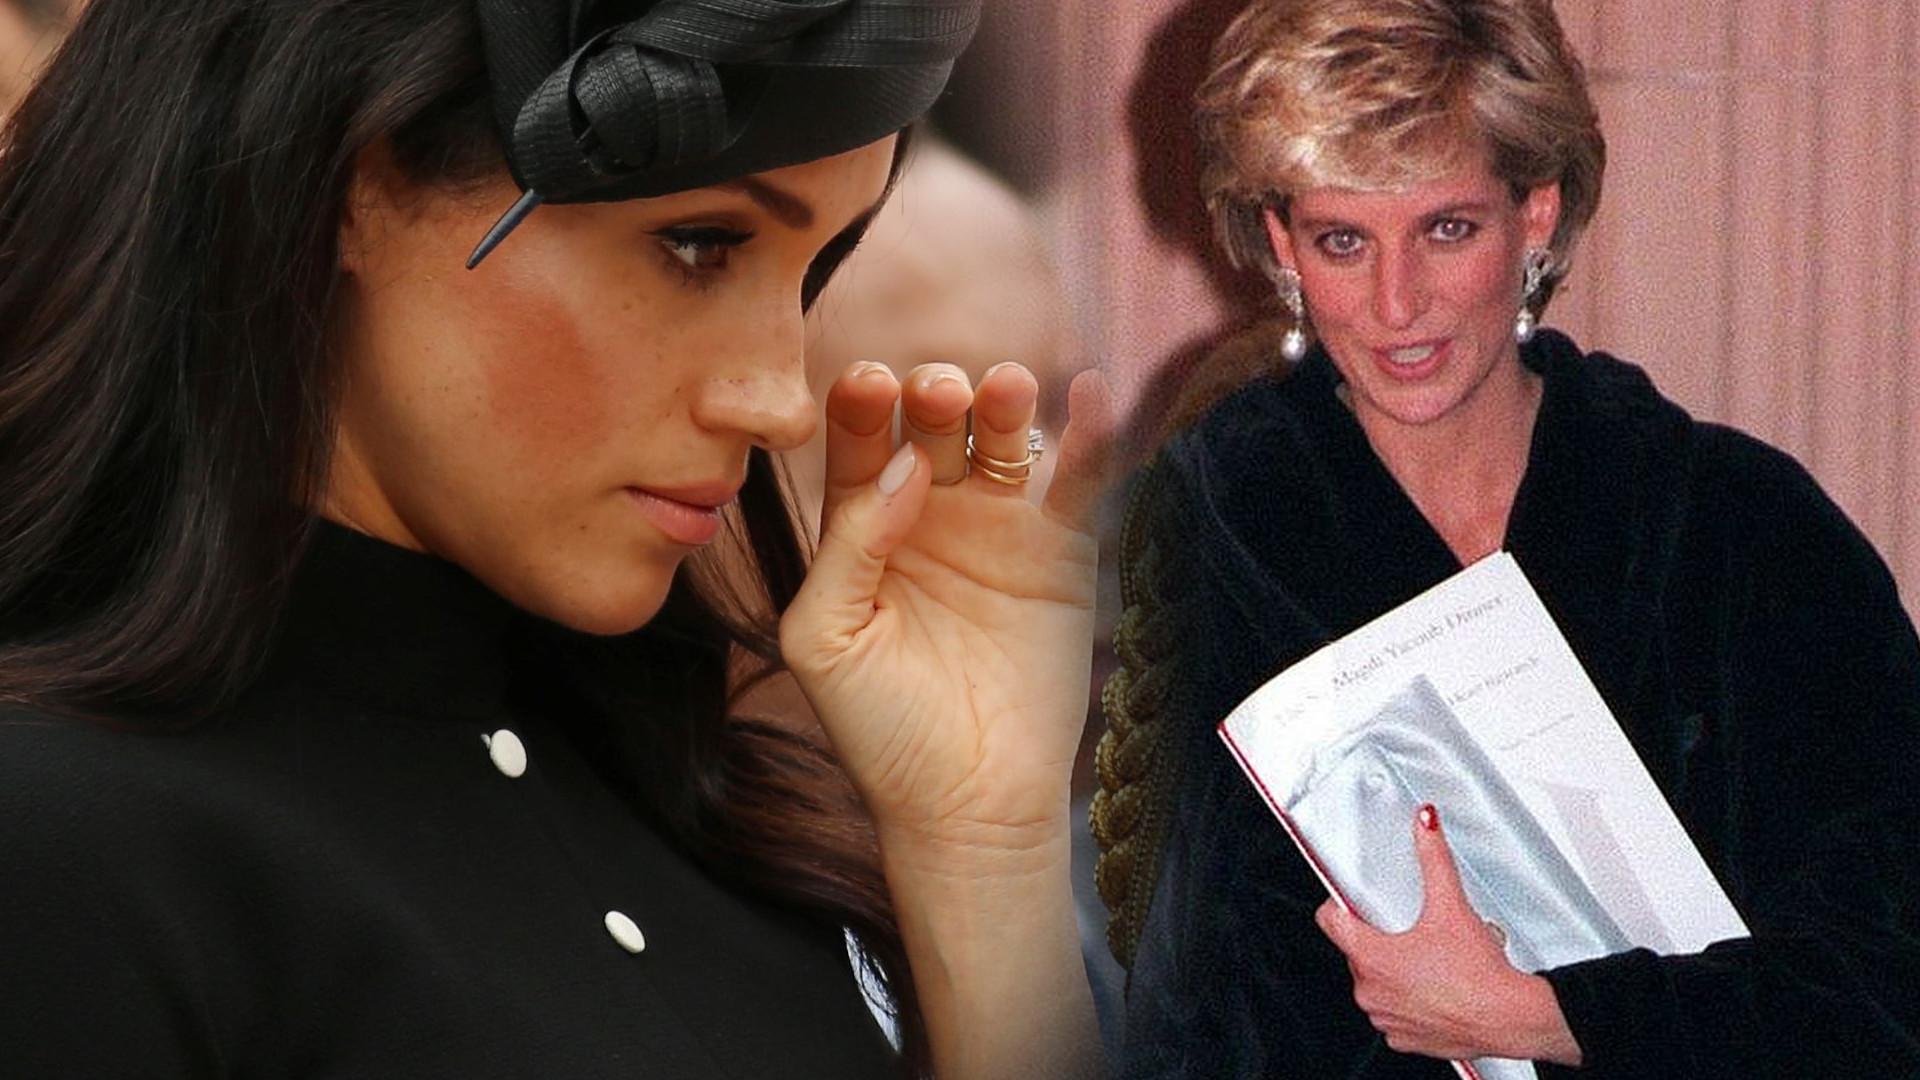 Księżna Meghan spotkała się z sekretną CÓRKĄ księżnej Diany?!